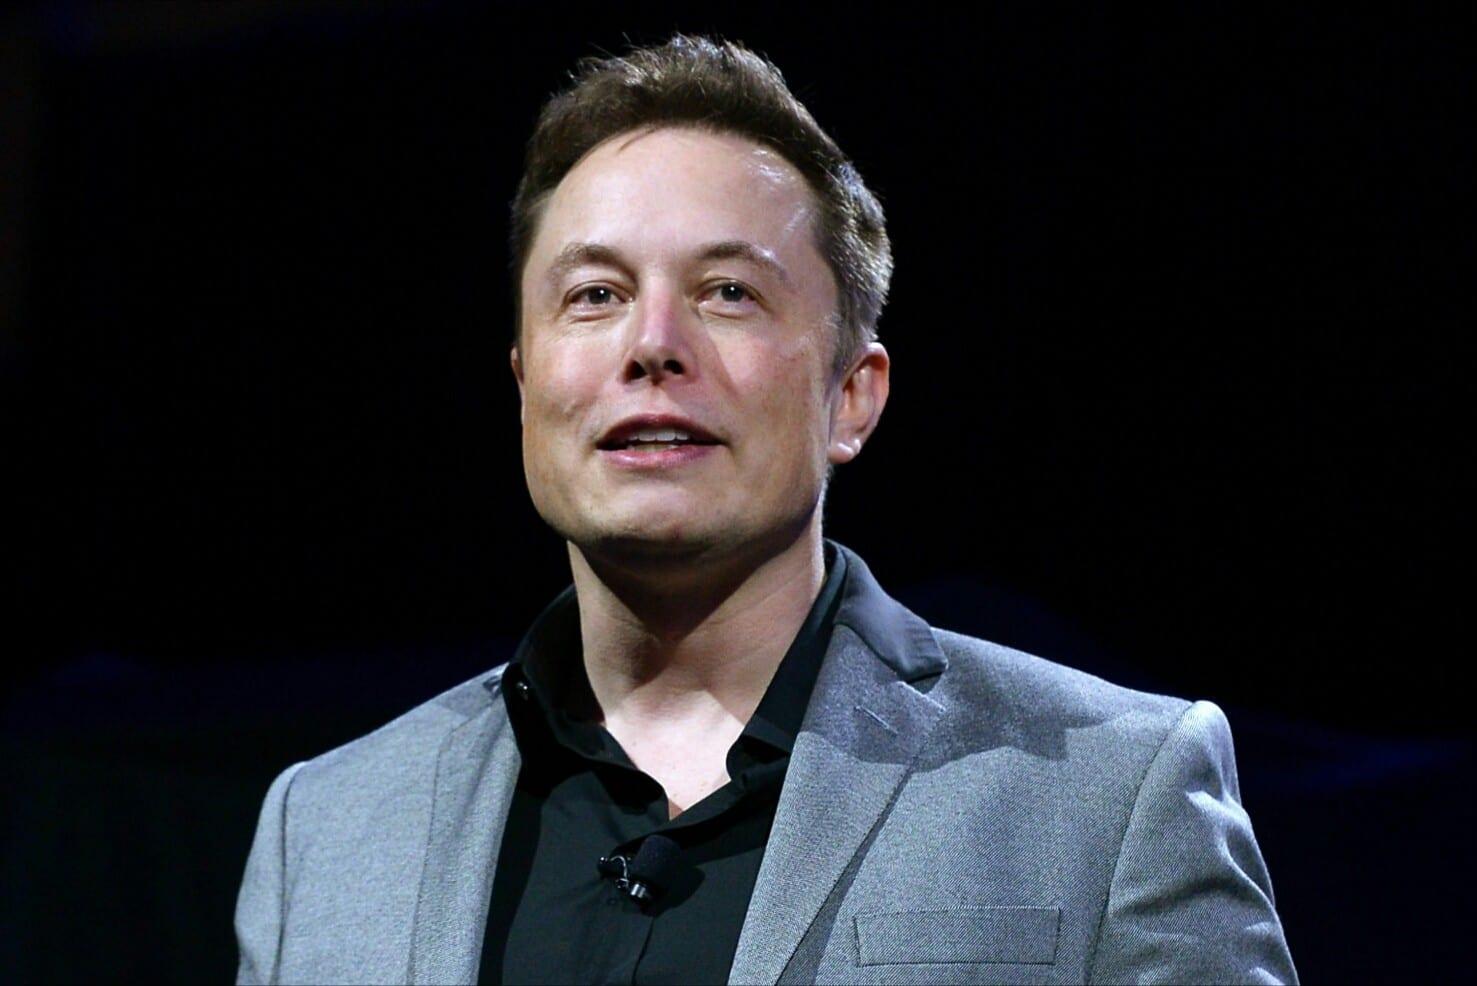 10 choses à savoir sur Elon Musk